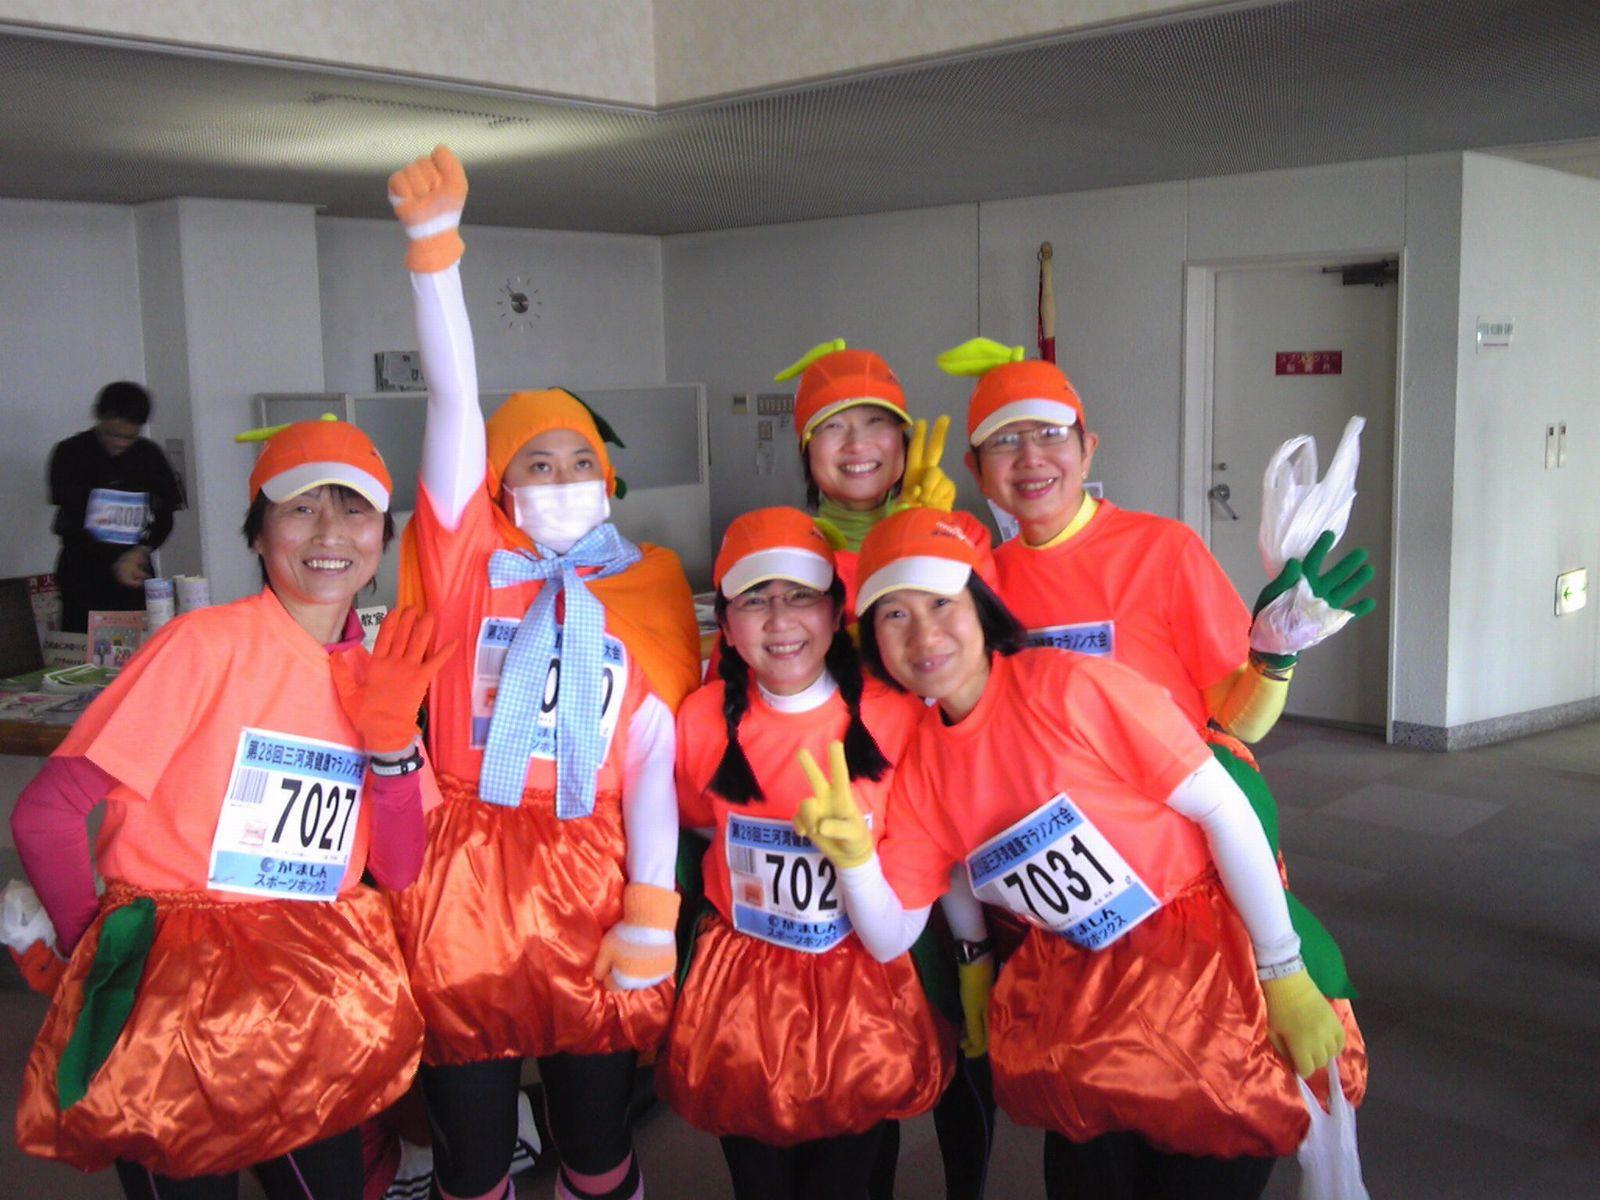 三河湾健康マラソン大会_c0234975_1365990.jpg